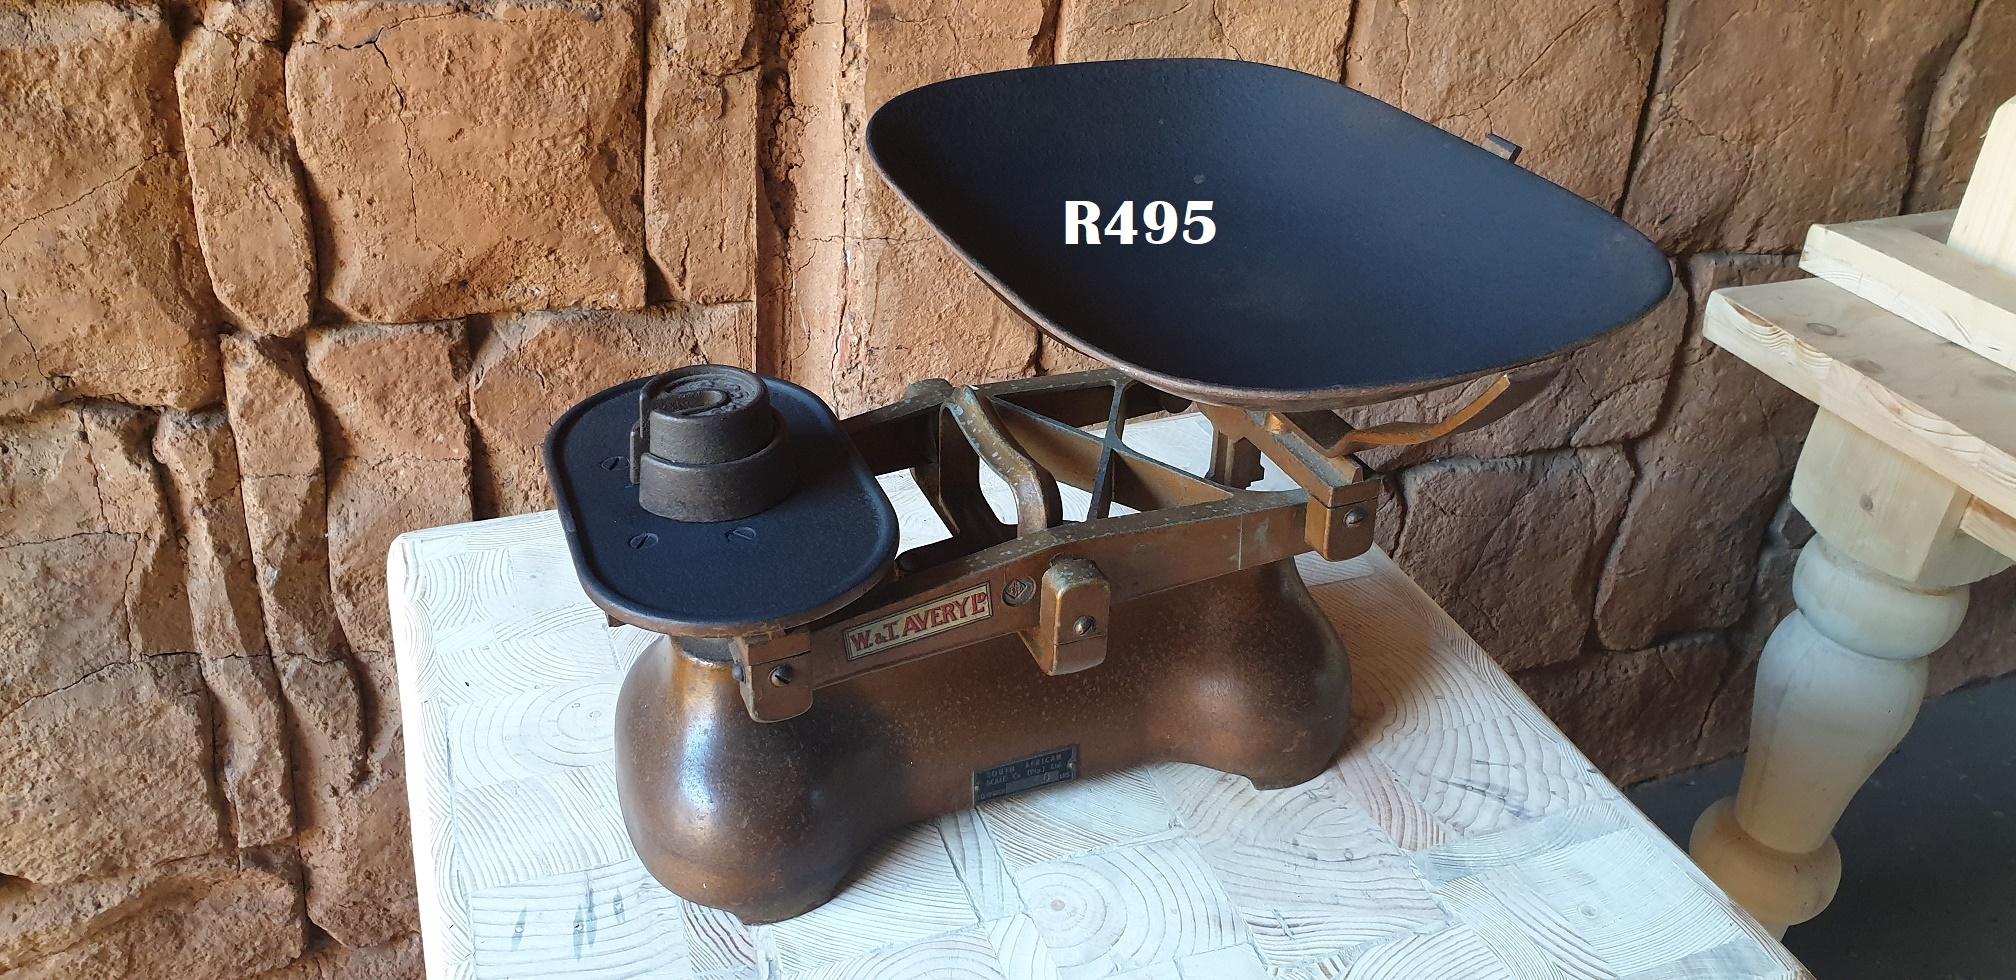 W & T  Averye Ltd. Vintage Scale